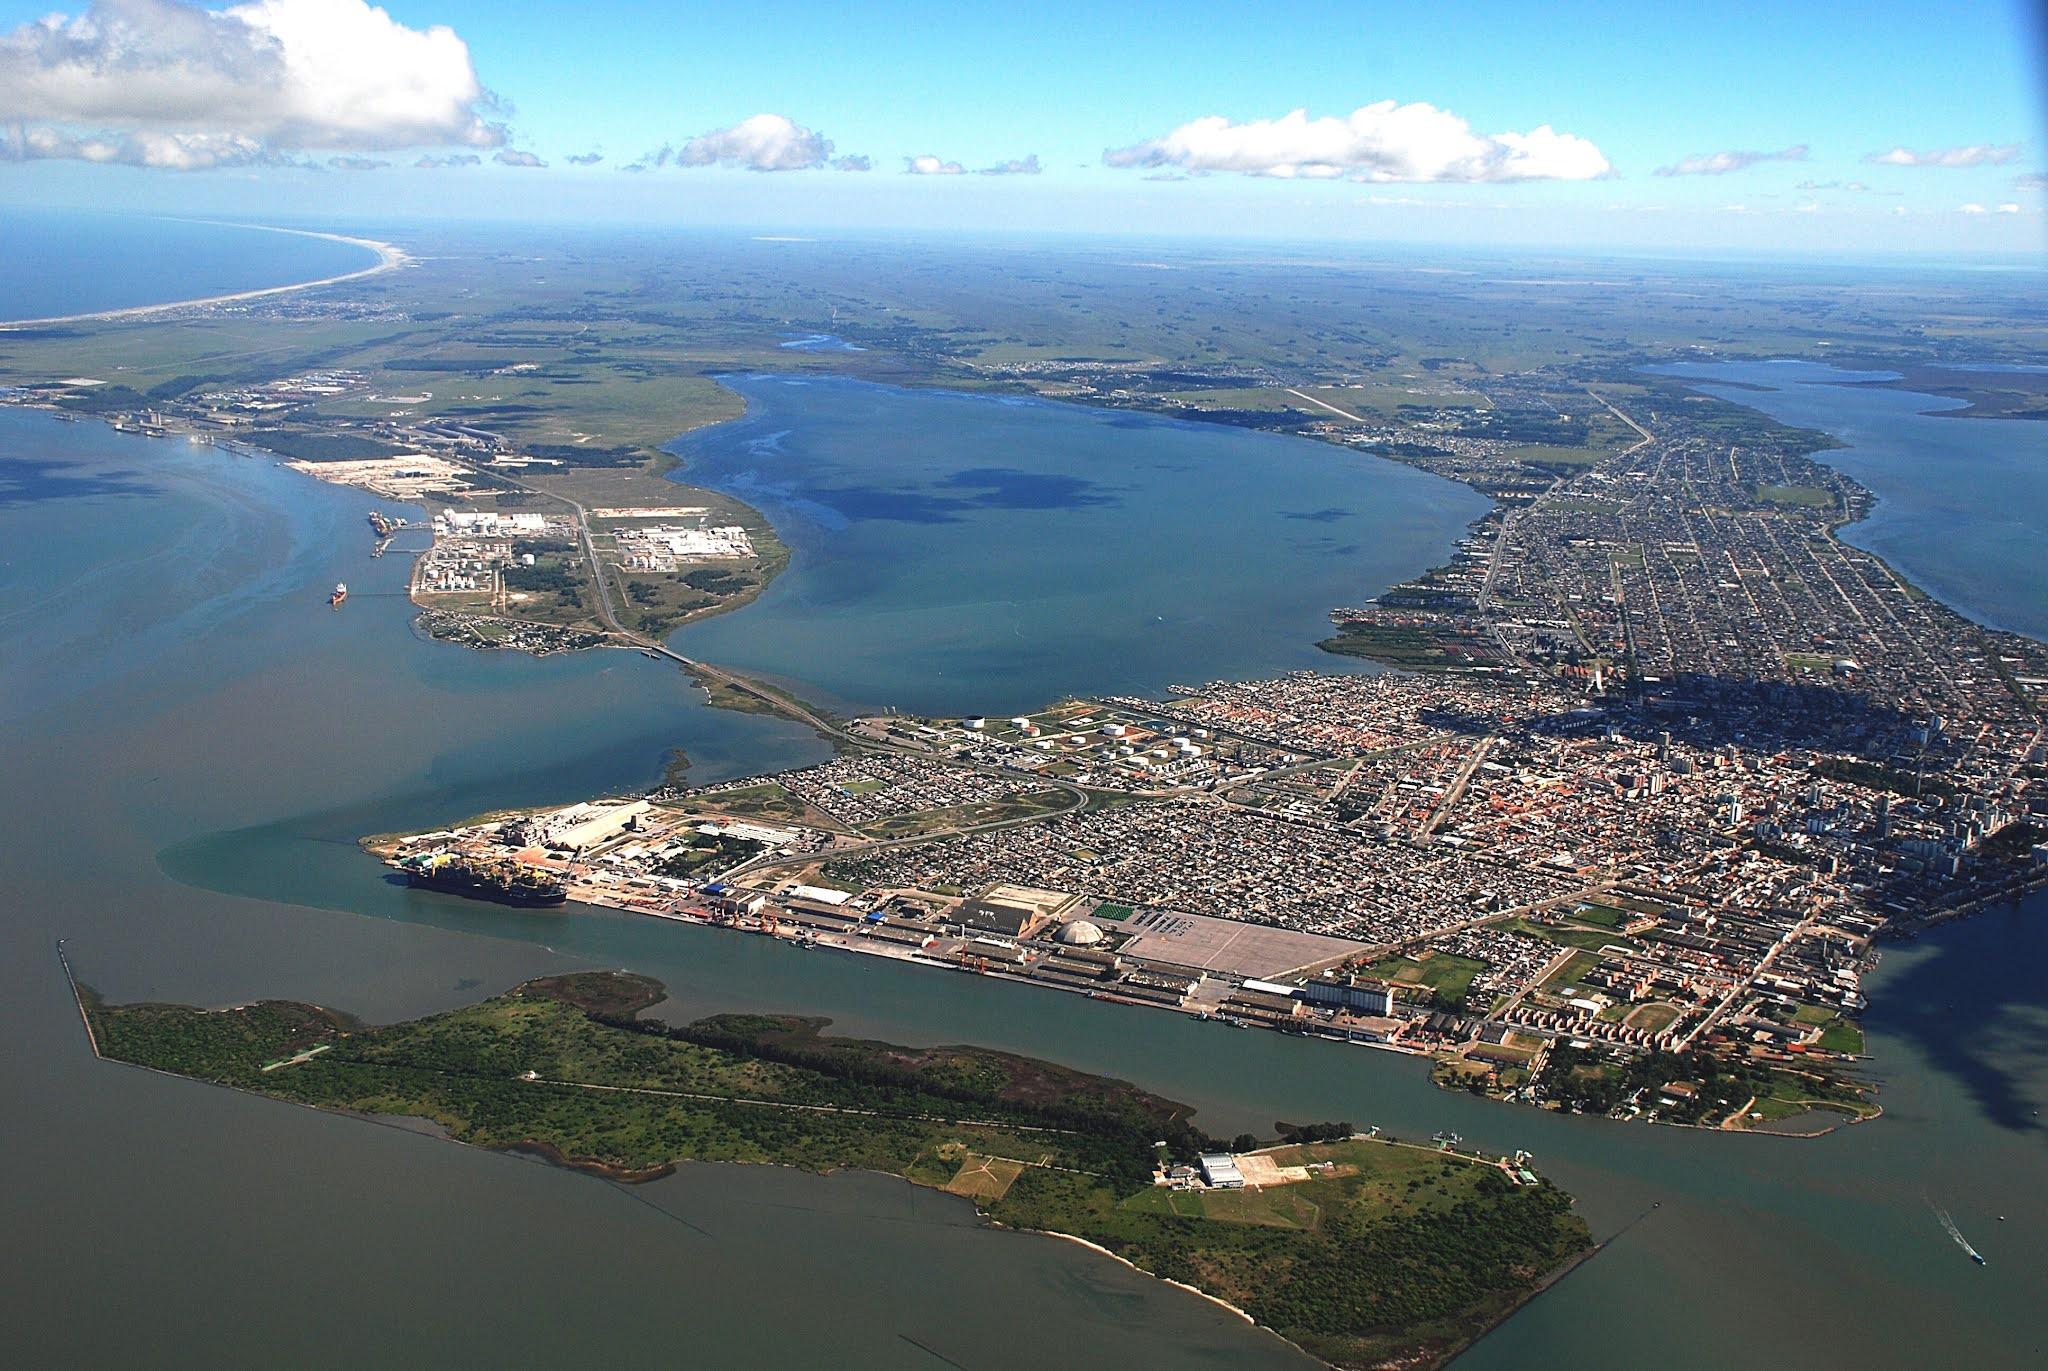 Portos RS discute recuperação de Ilhas e Marismas do Estuário da Lagoa dos Patos